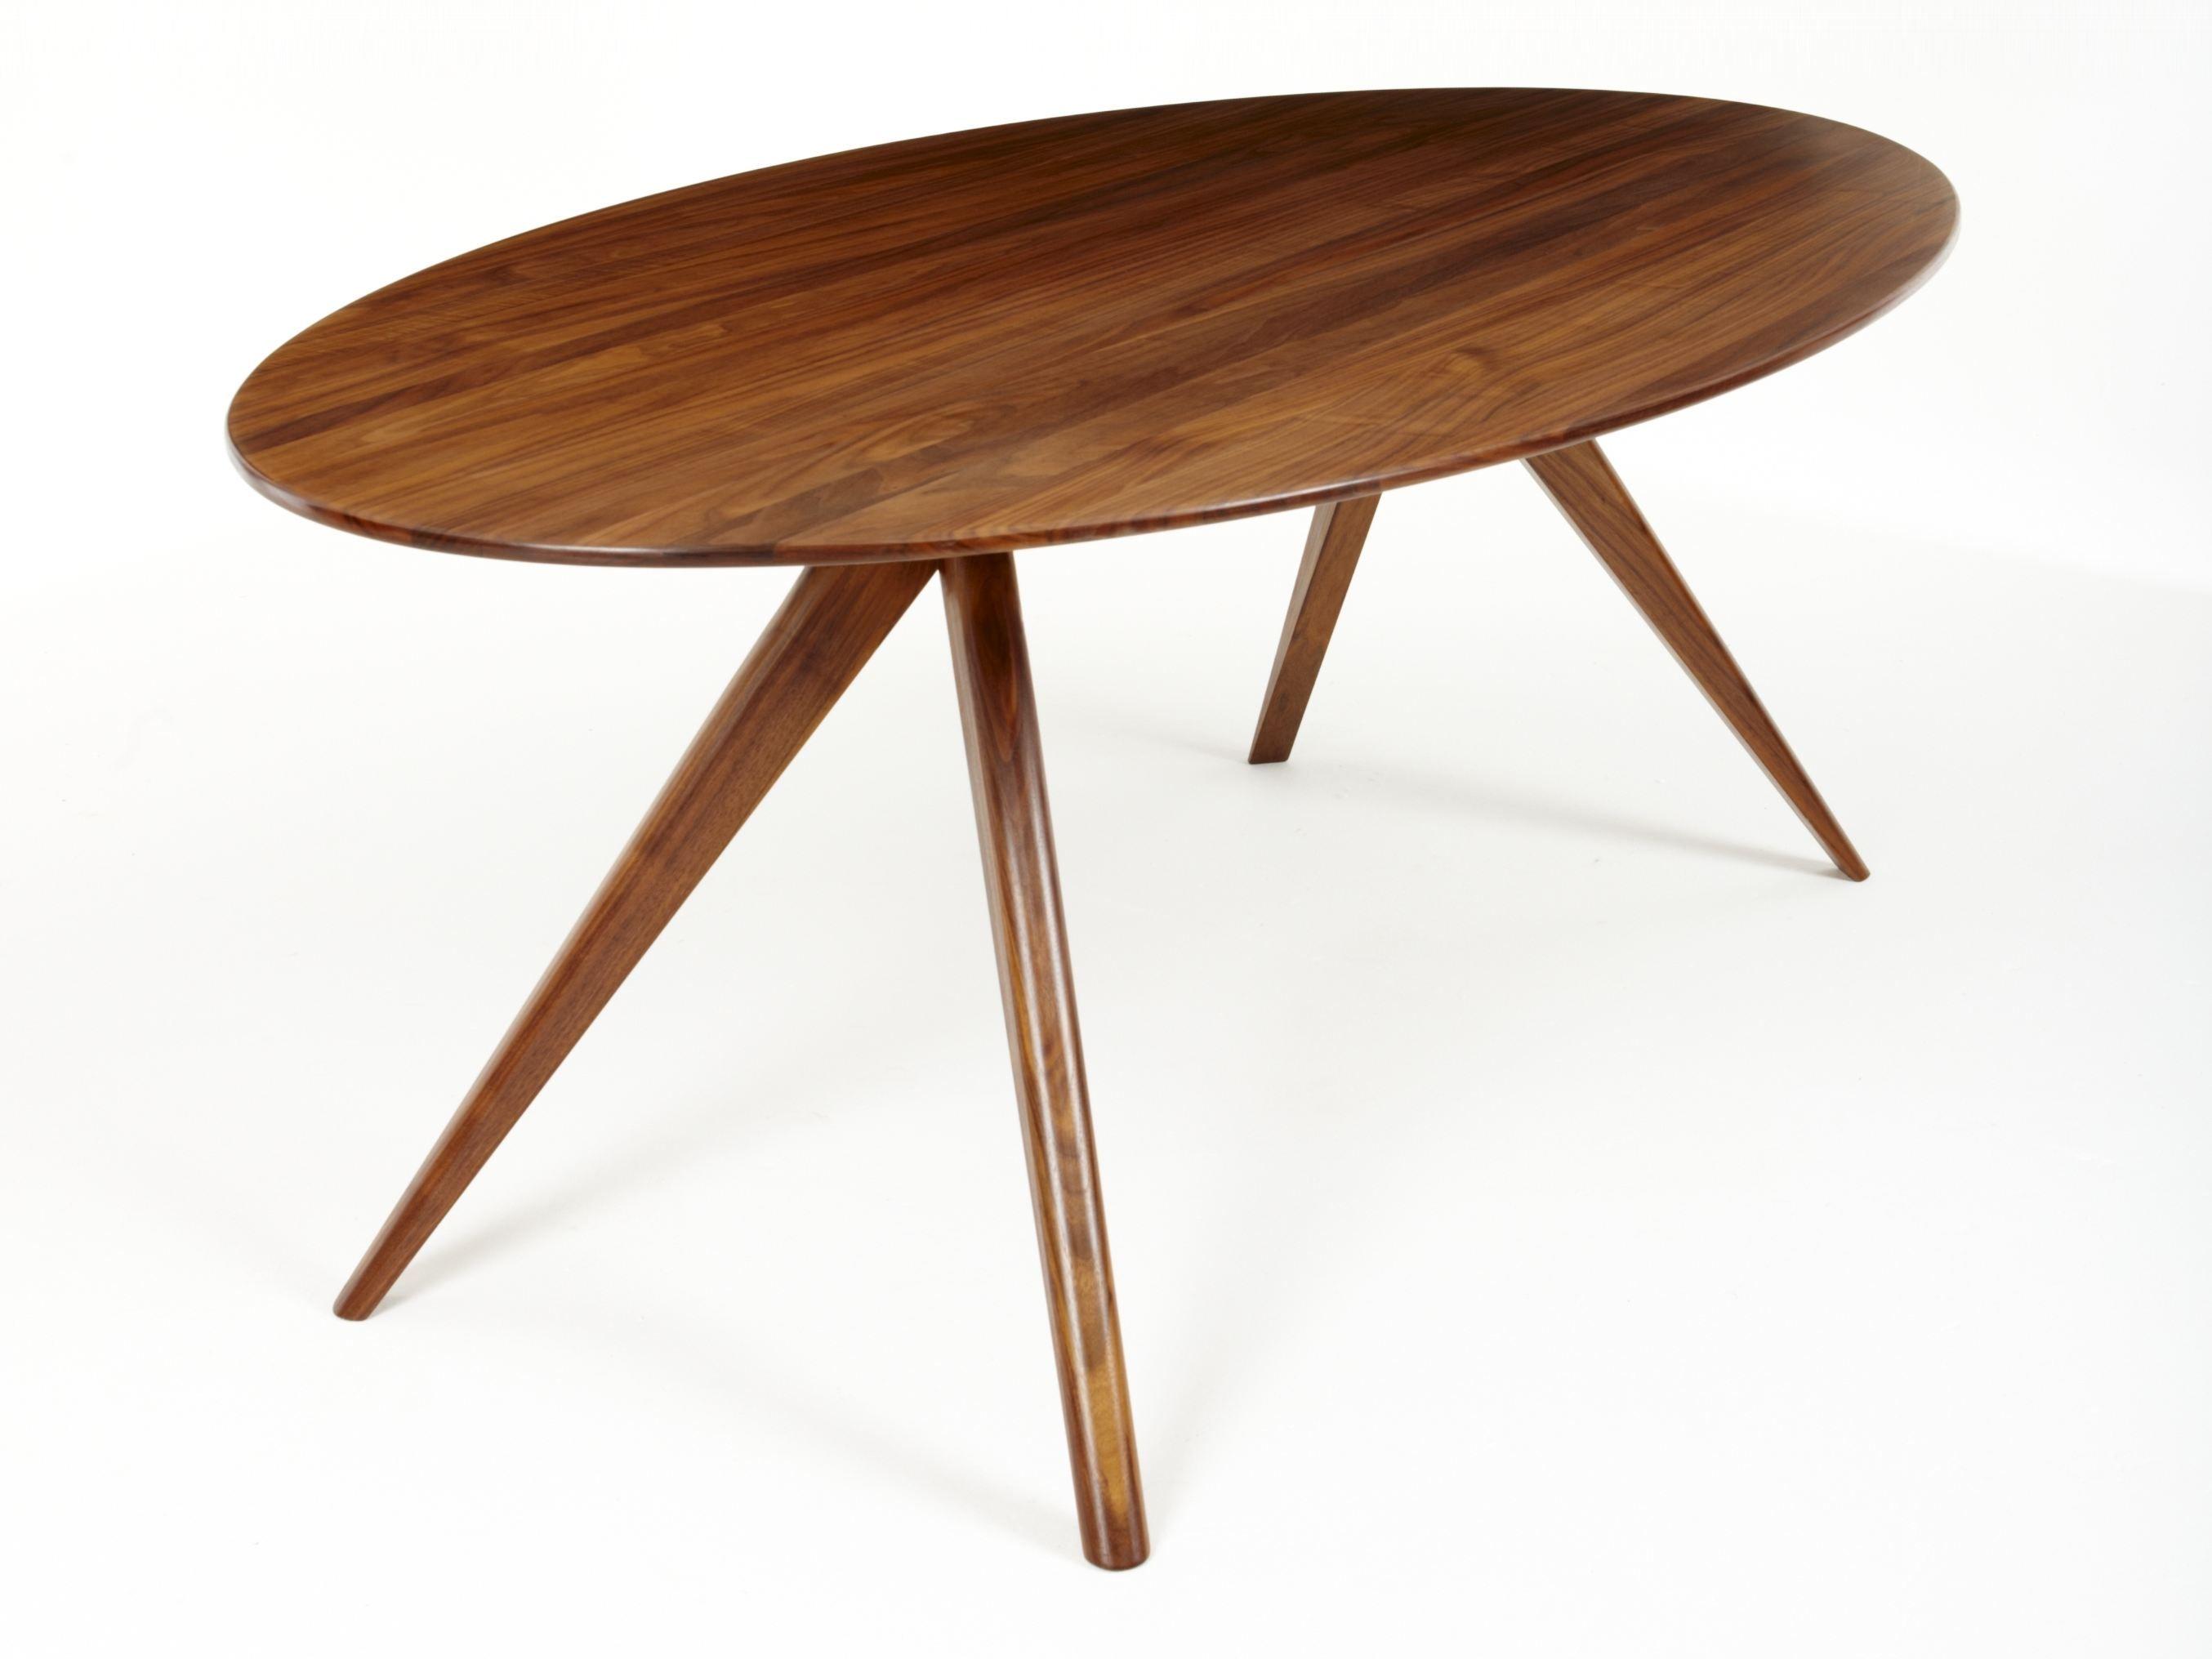 Esstisch Le Design ovaler esstisch aus walnuss oskar ovaler tisch studio